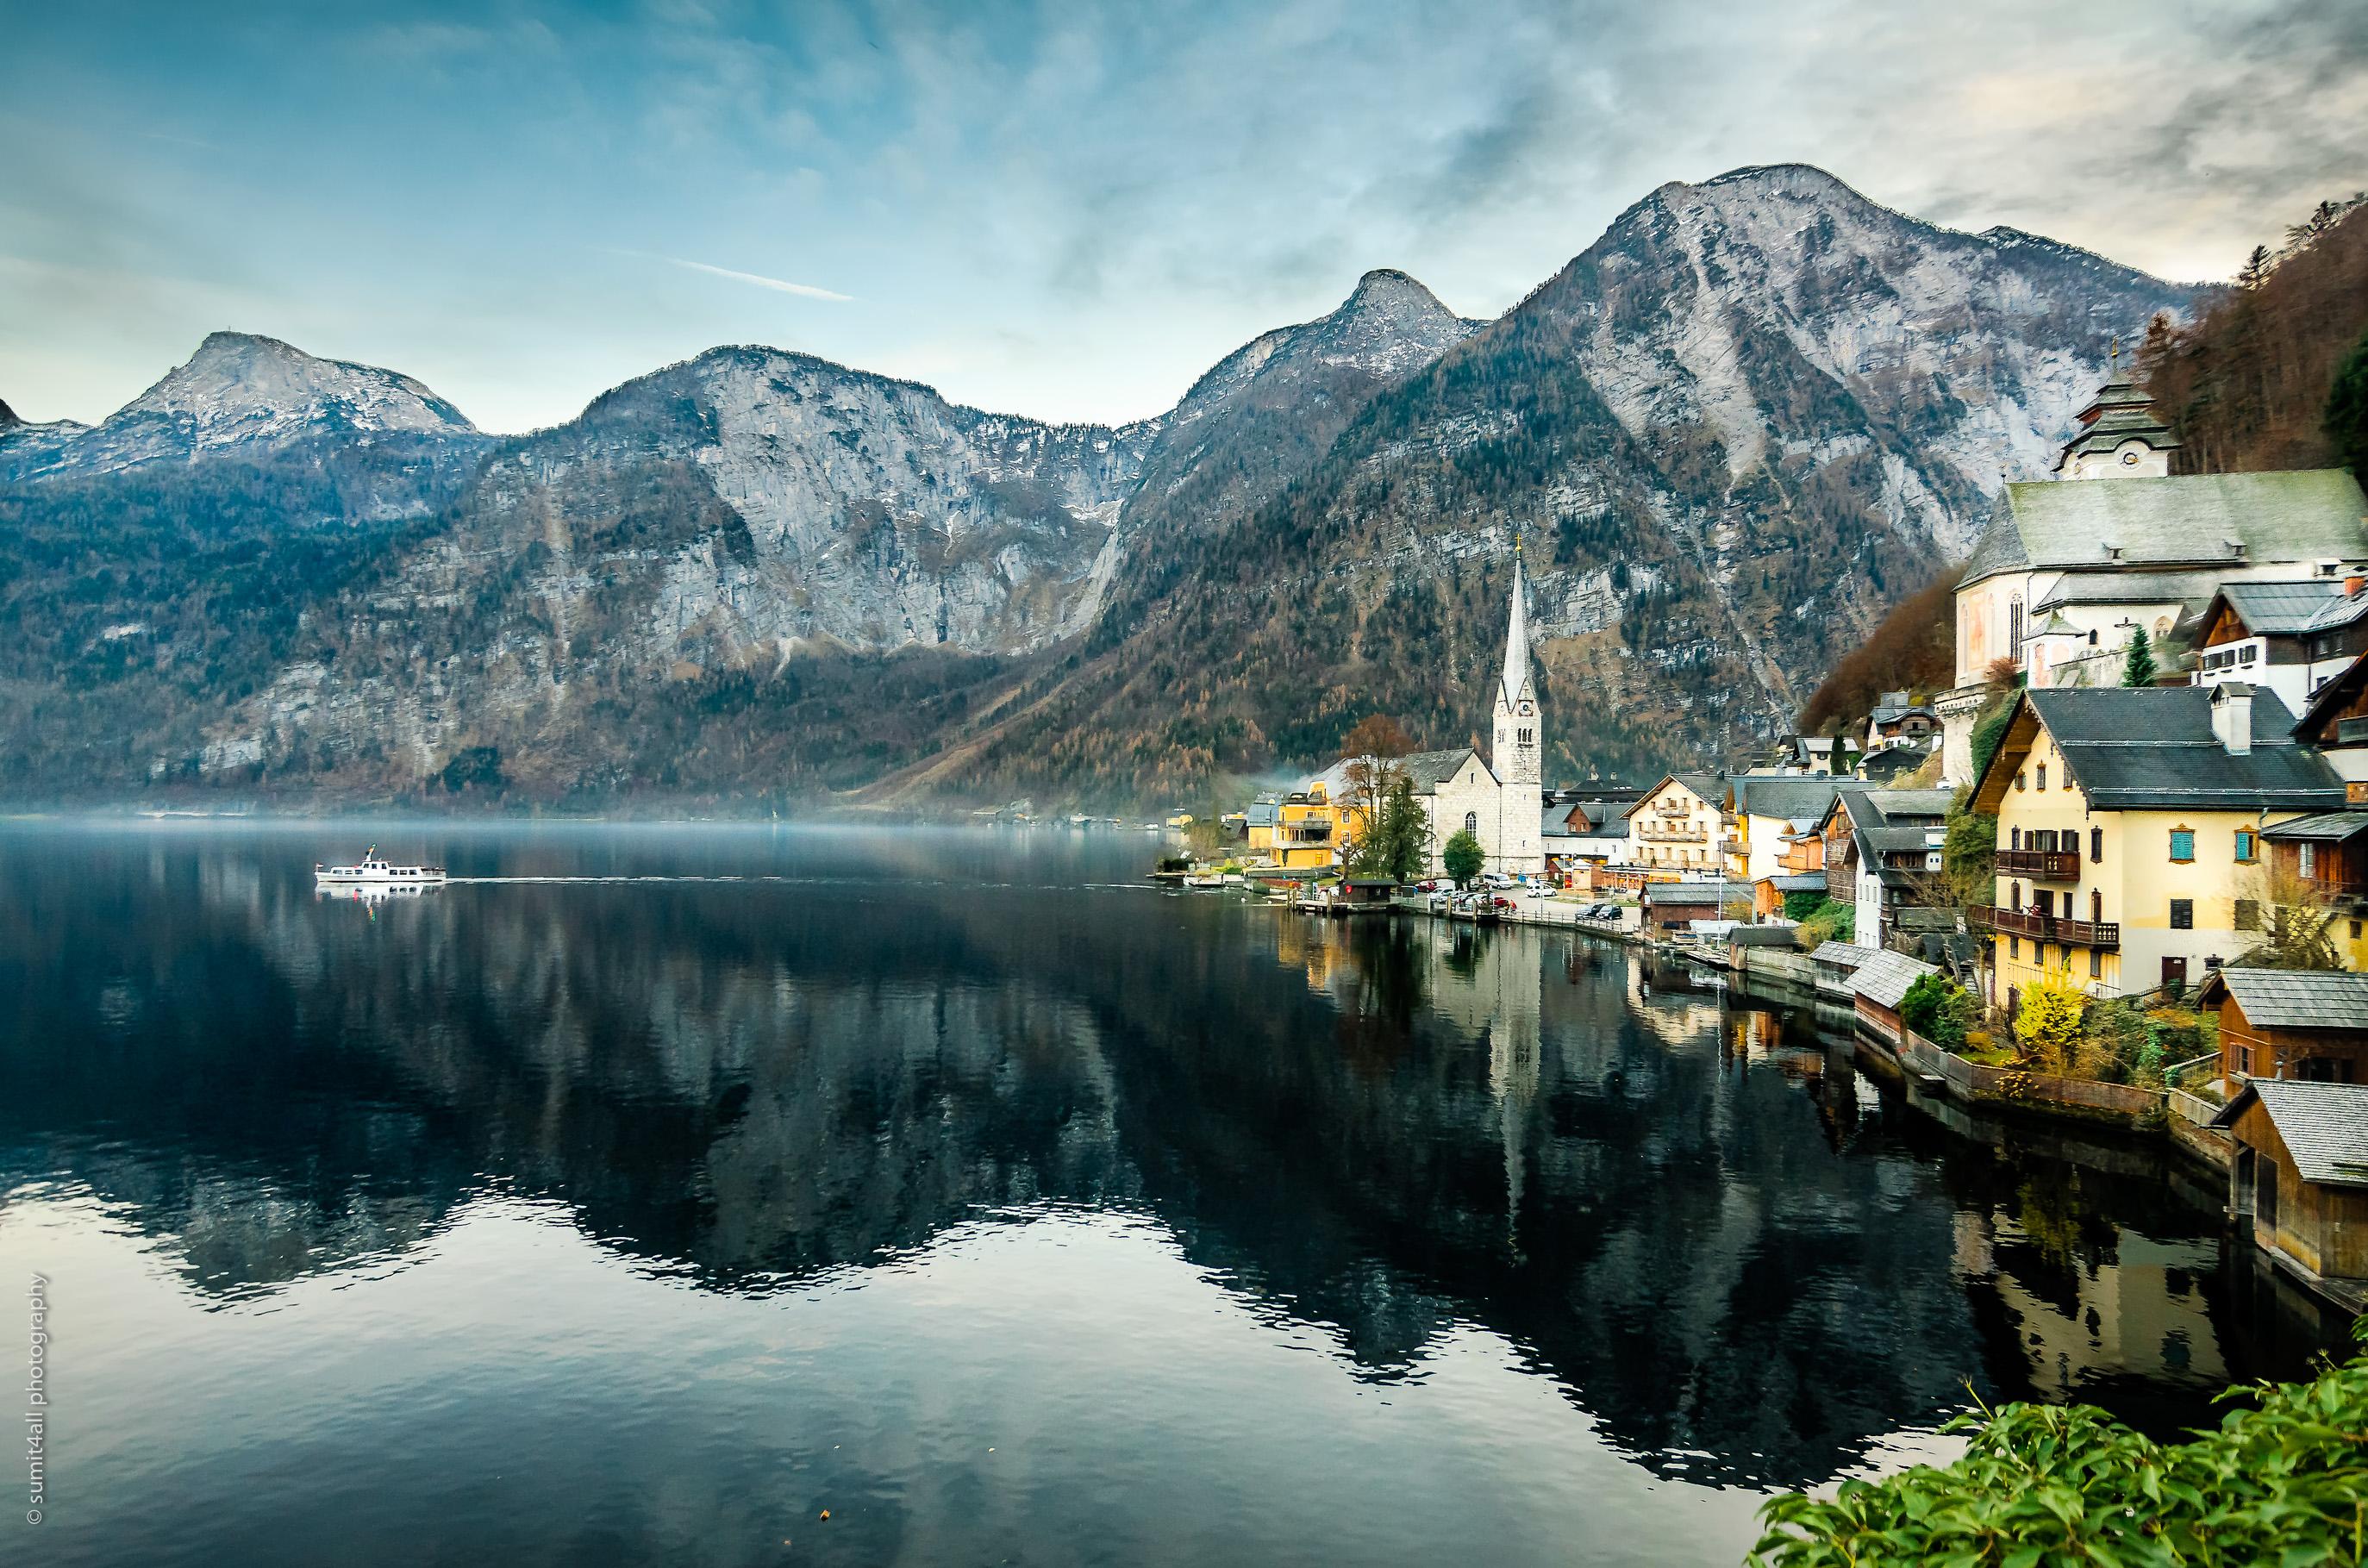 Small Town of Hallstatt, Austria